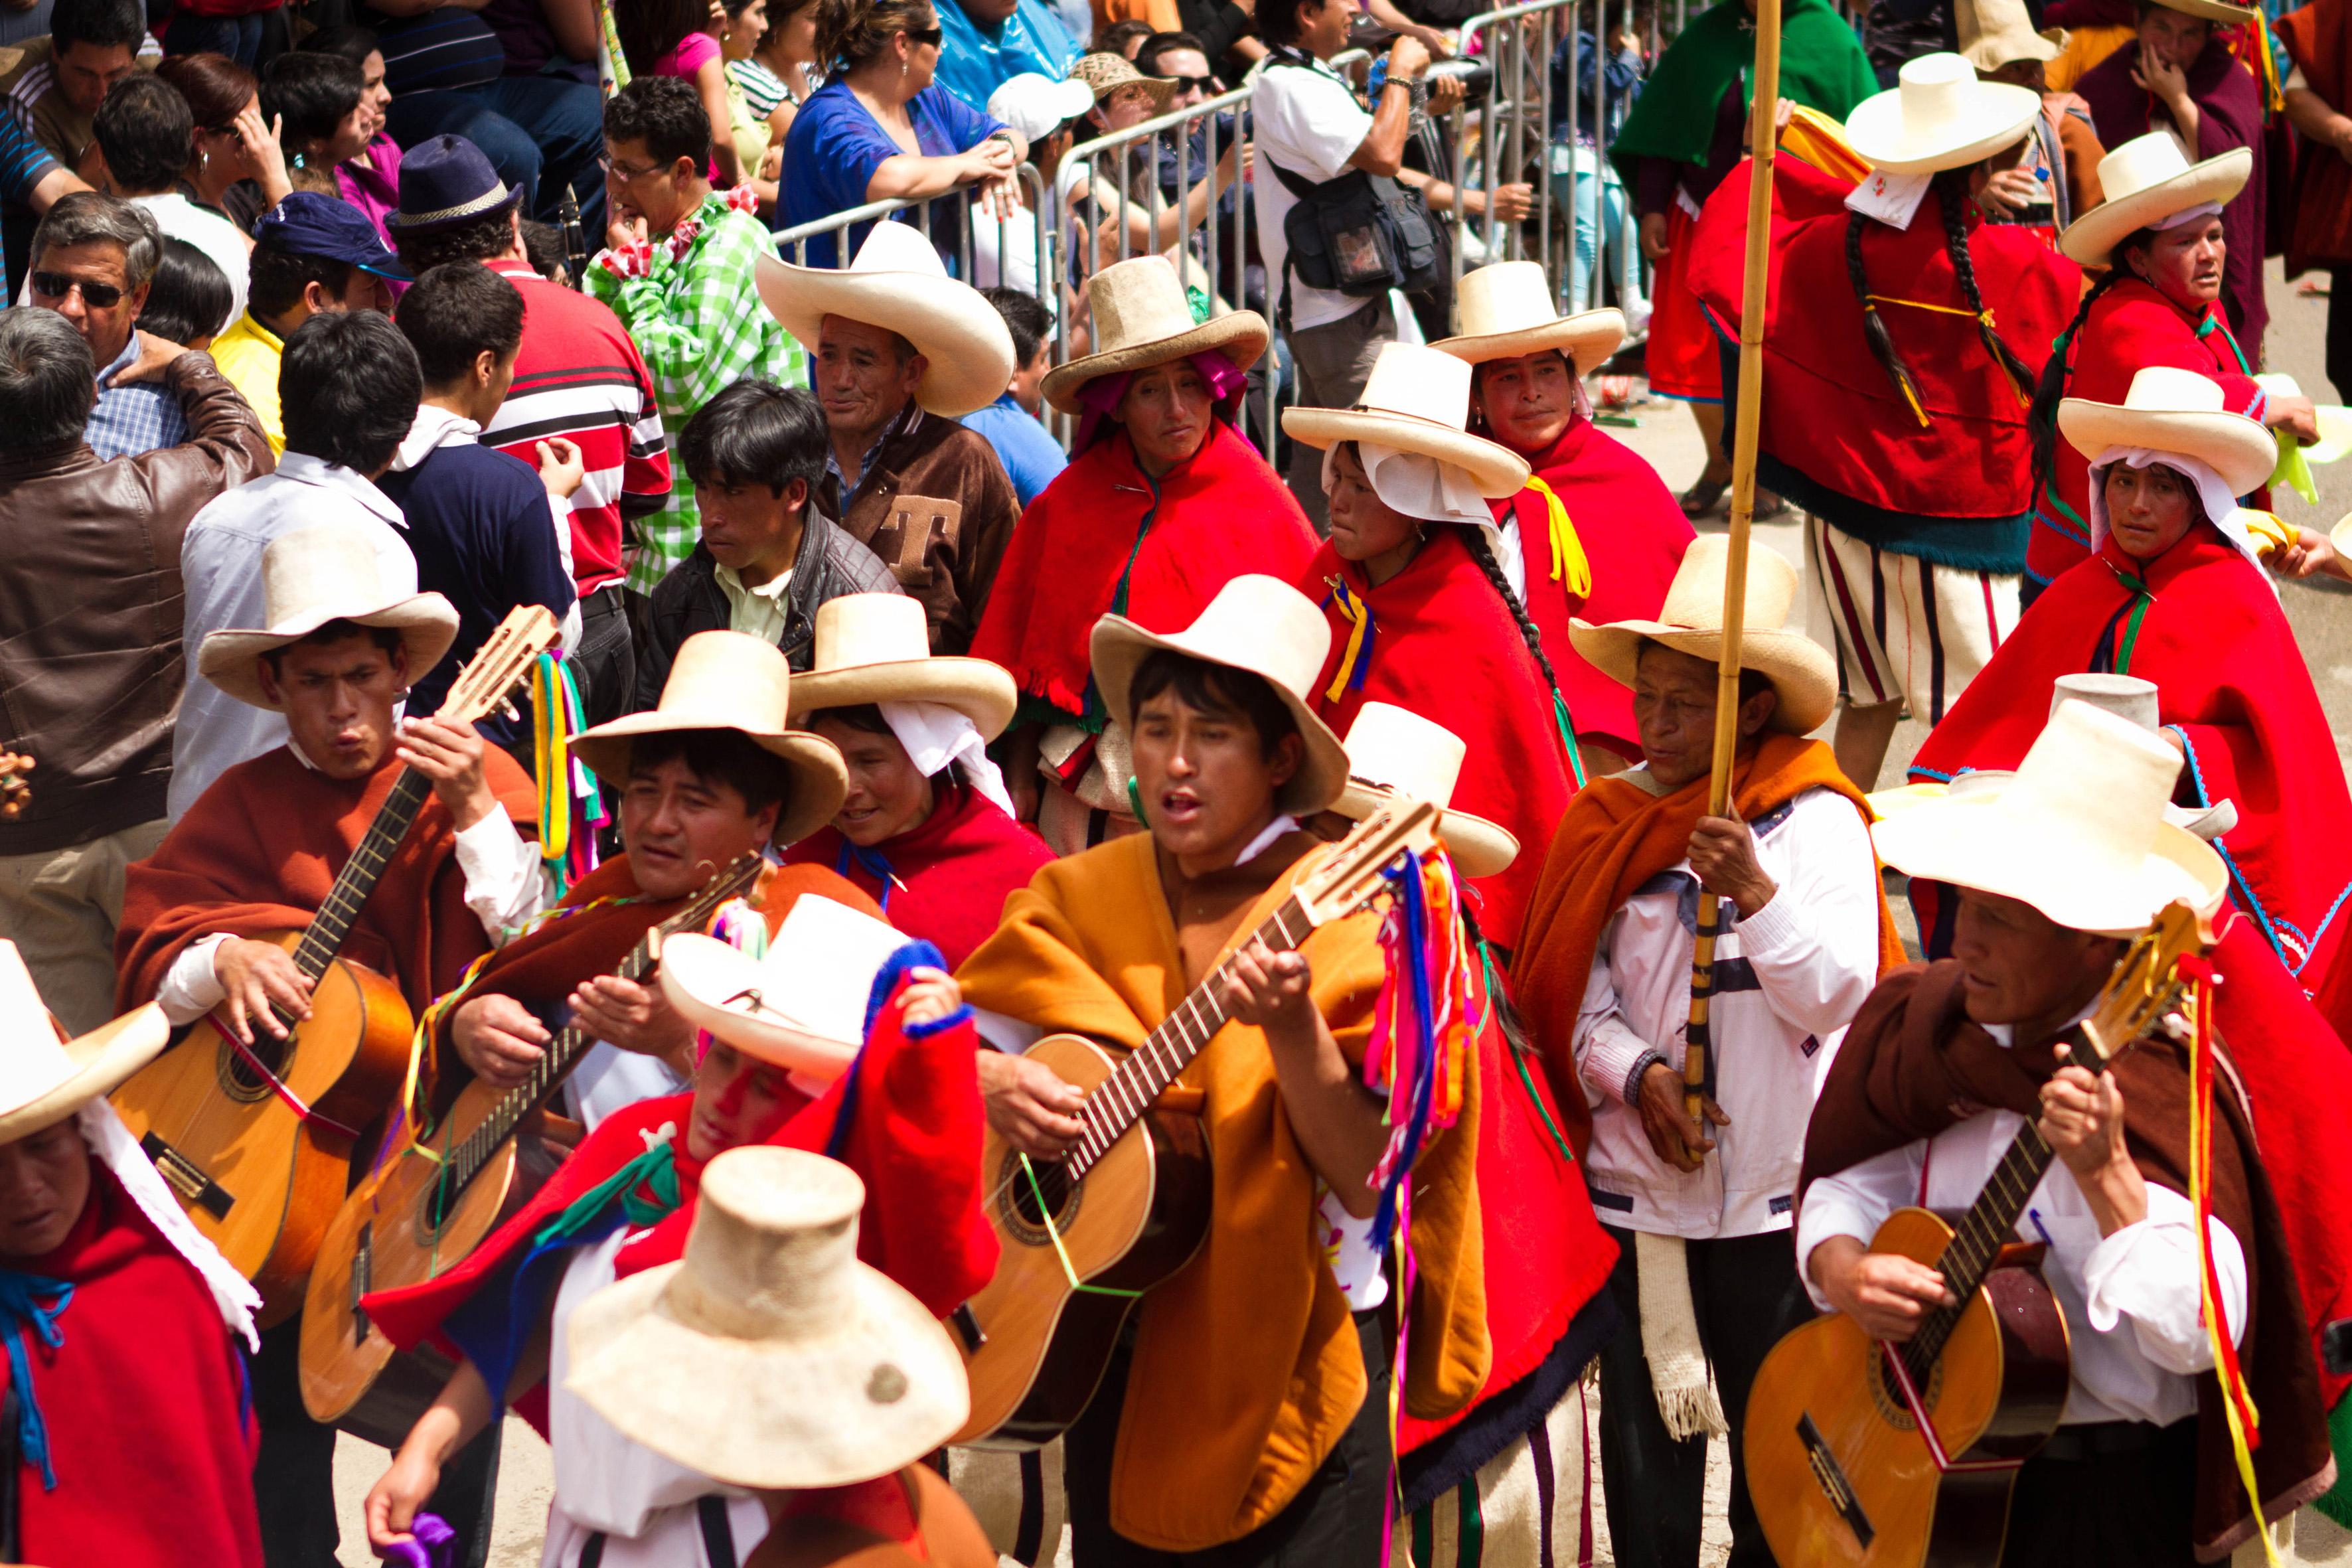 Imagen 05 . Carnaval de Cajamarca 05.